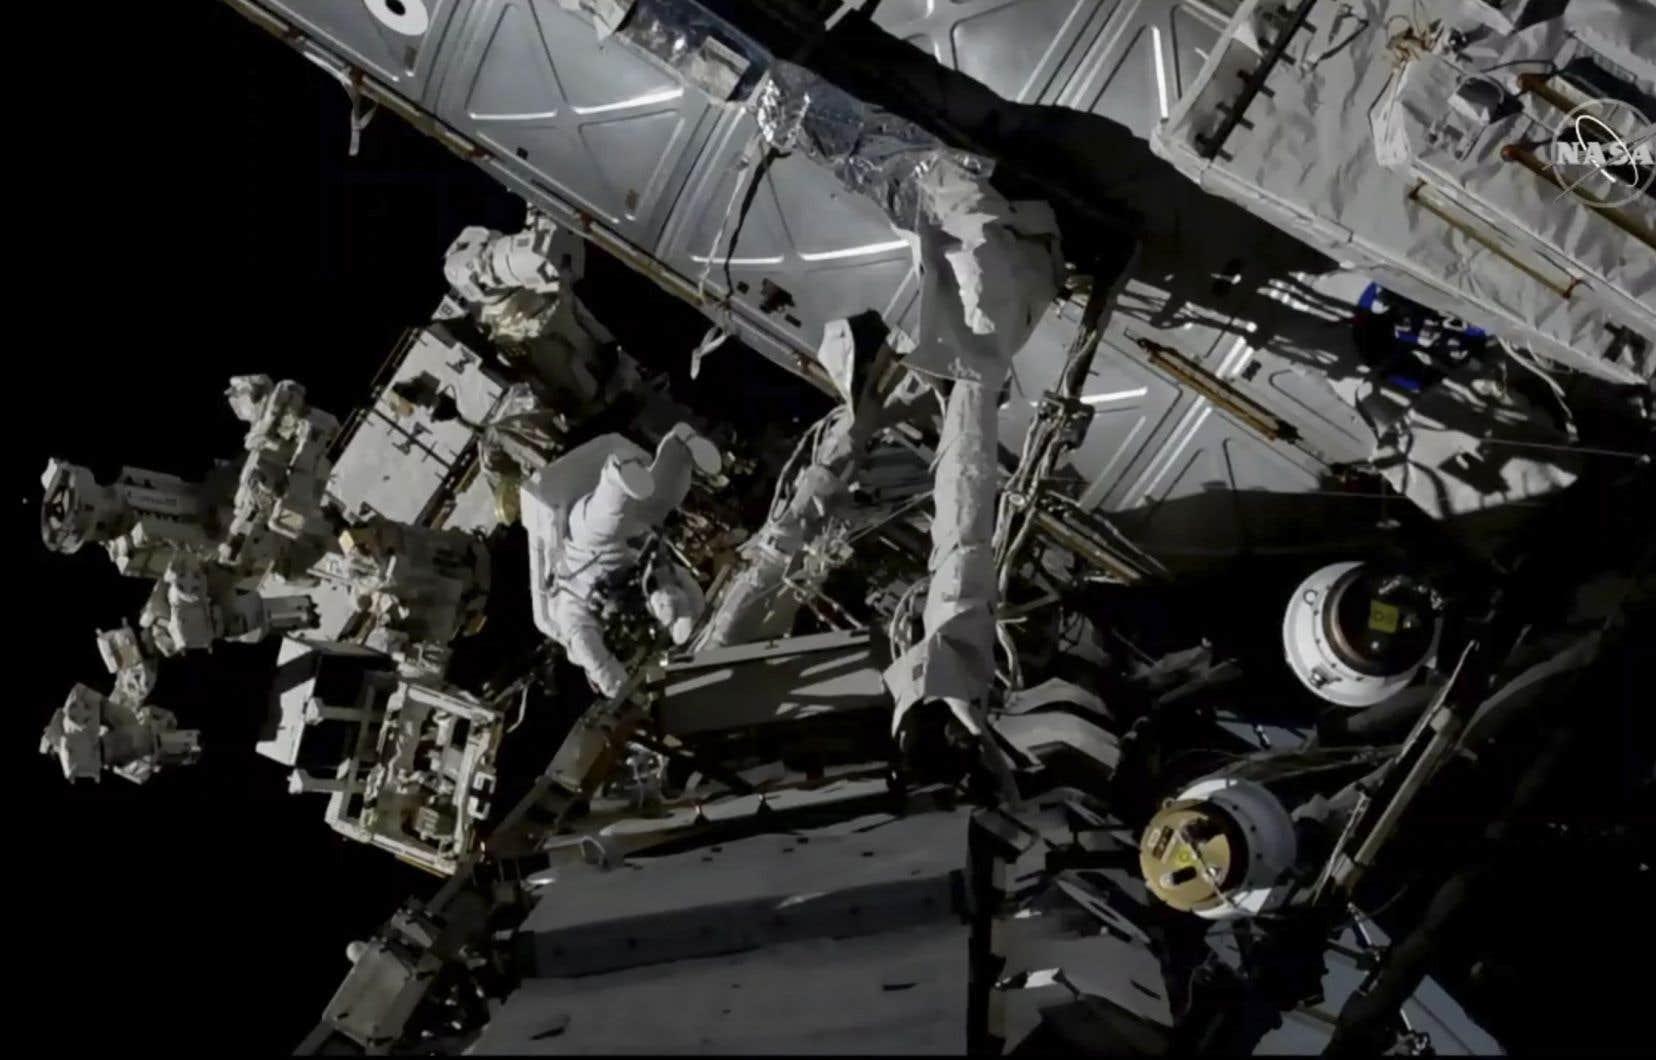 Les astronautes David Saint-Jacques et Anne McClain vont effectuer certains travaux sur l'extérieur de la Station spatiale internationale.